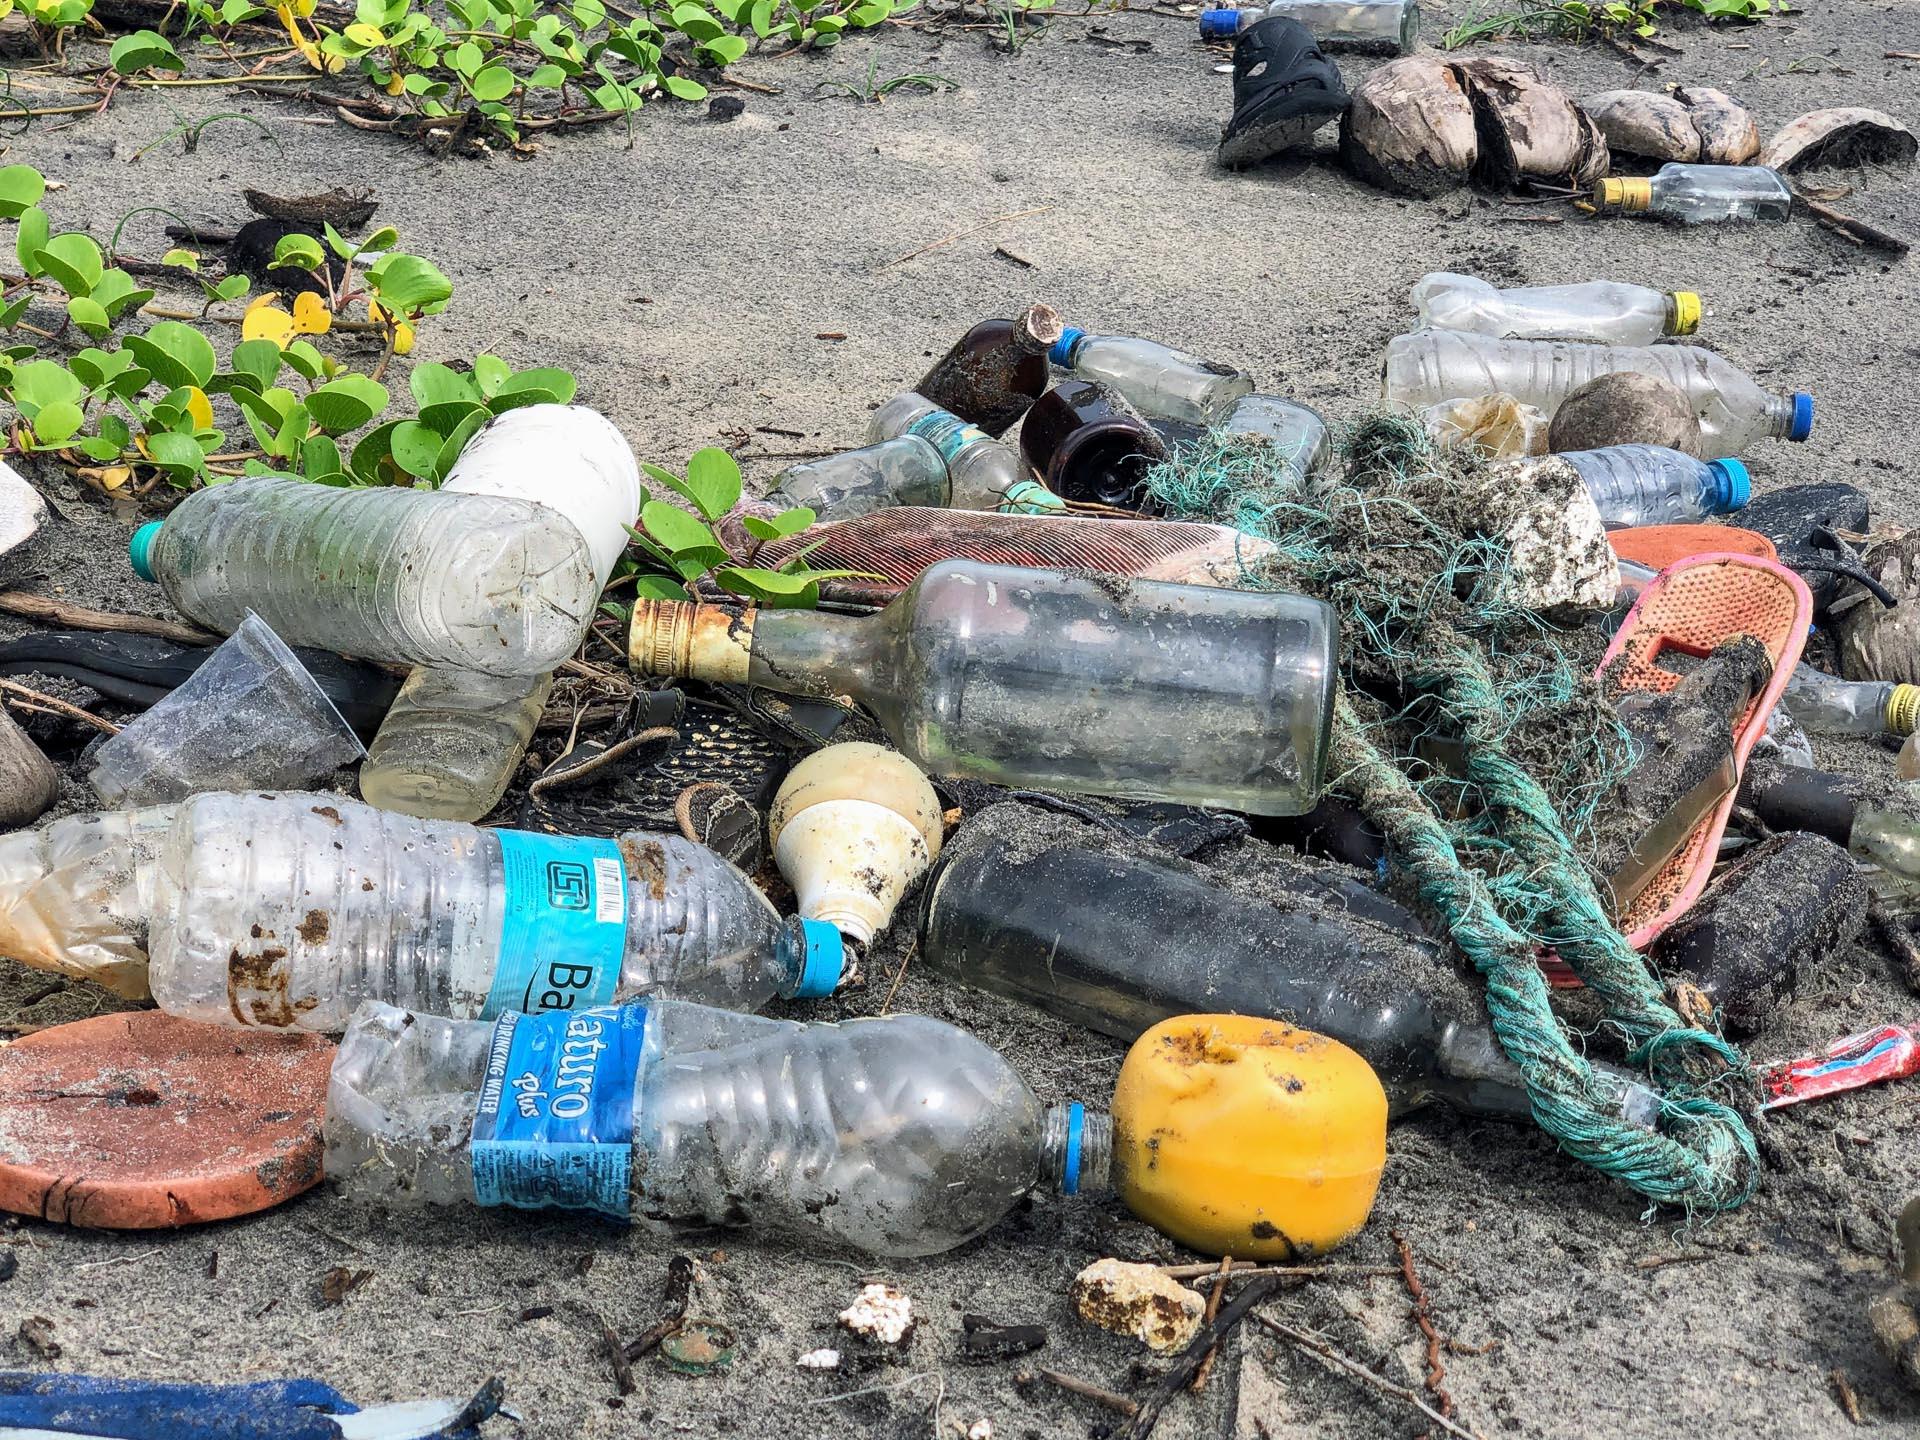 El-Nido-Philippines-Plastic-2-of-2